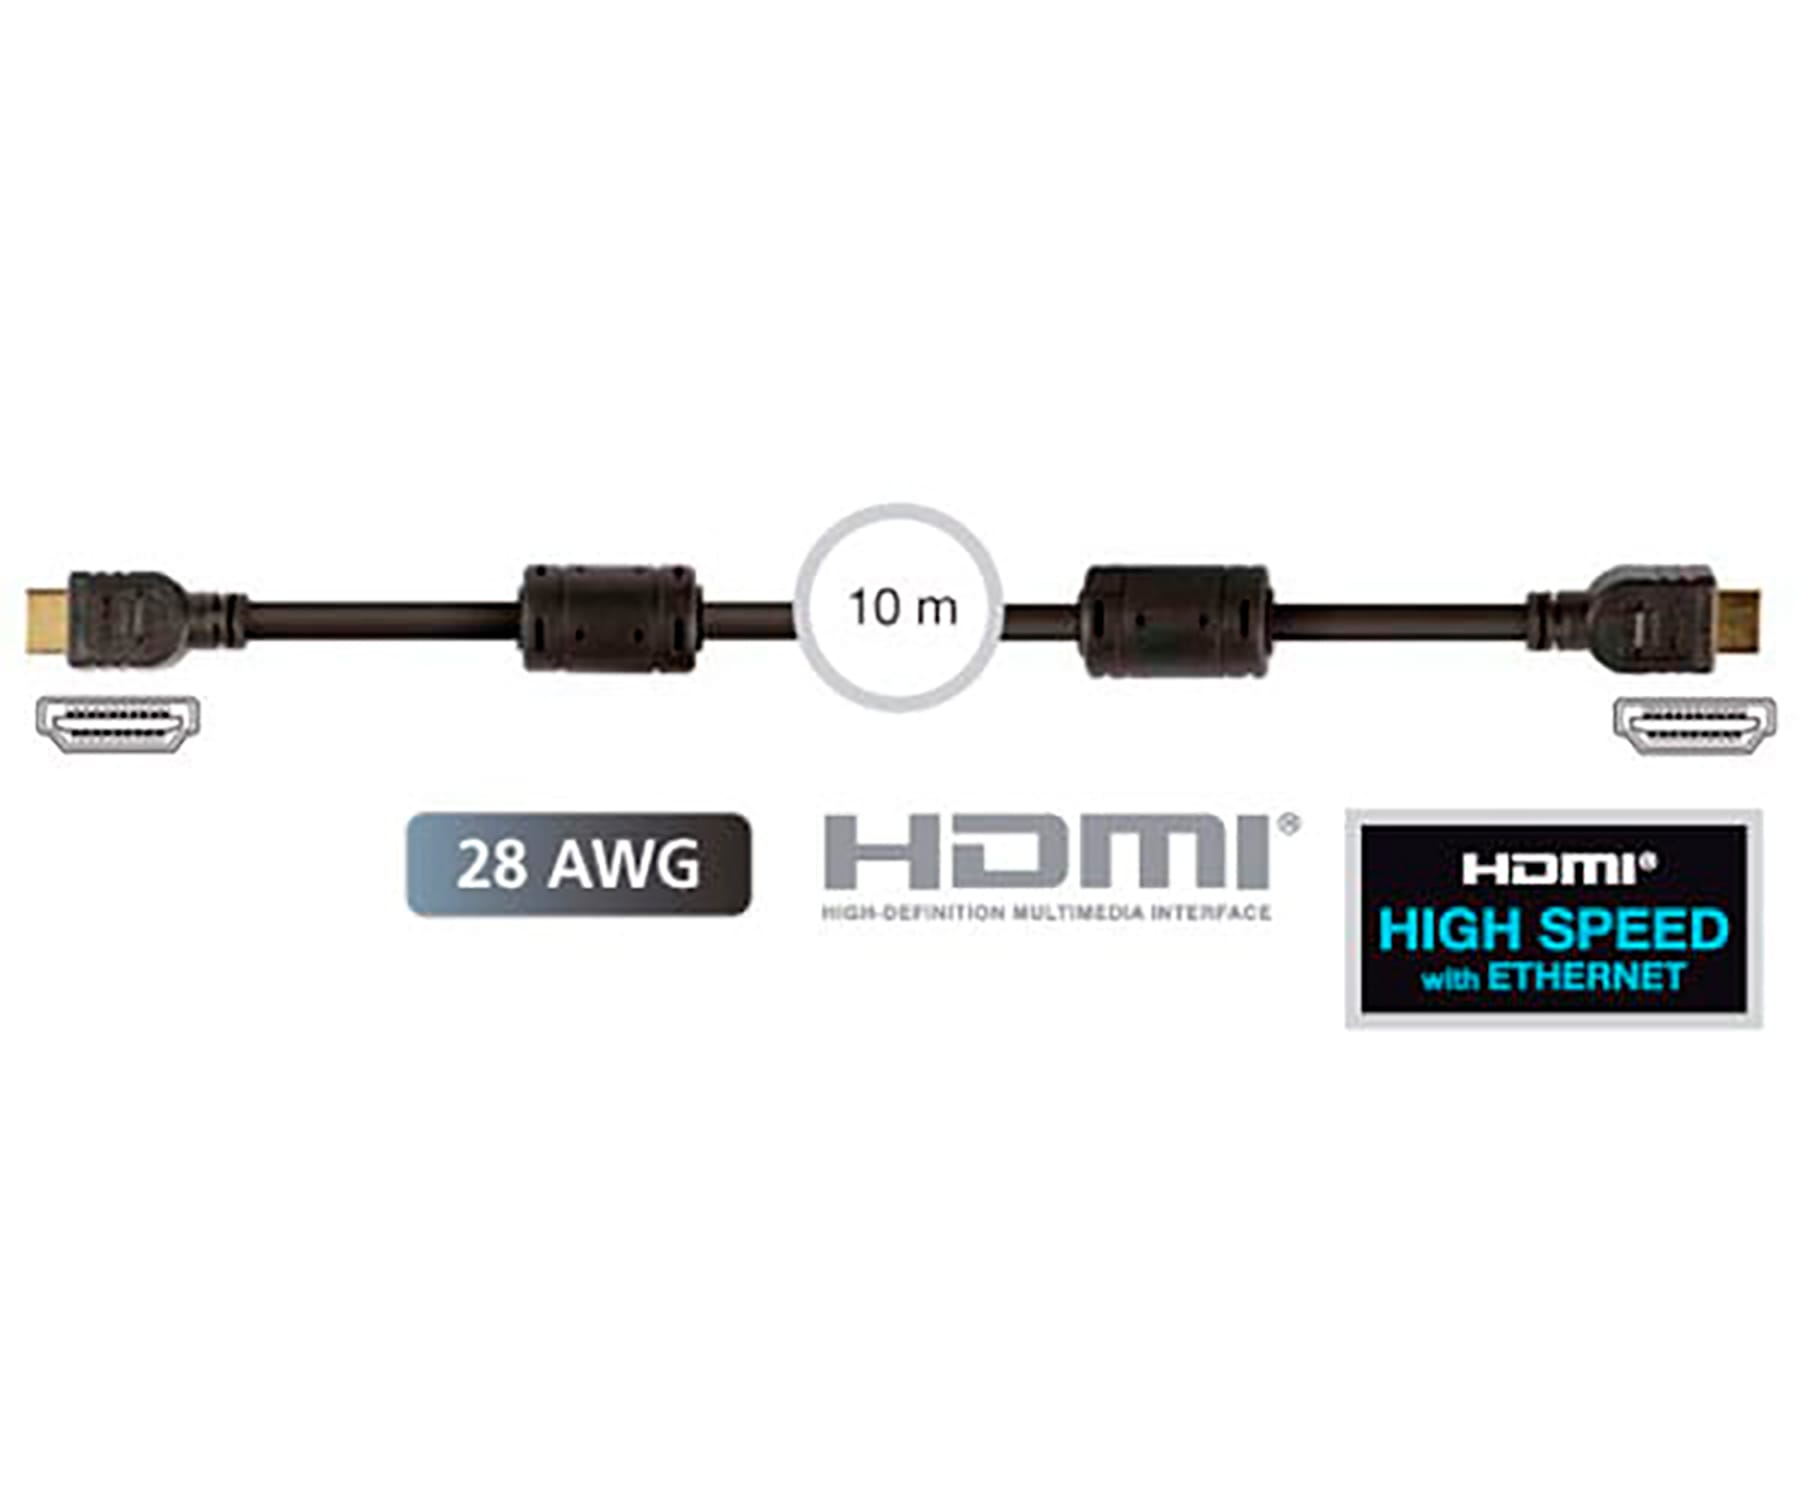 FONESTAR 7908-10 CABLE HDMI MACHO A HDMI MACHO DE 10M DE LONGITUD